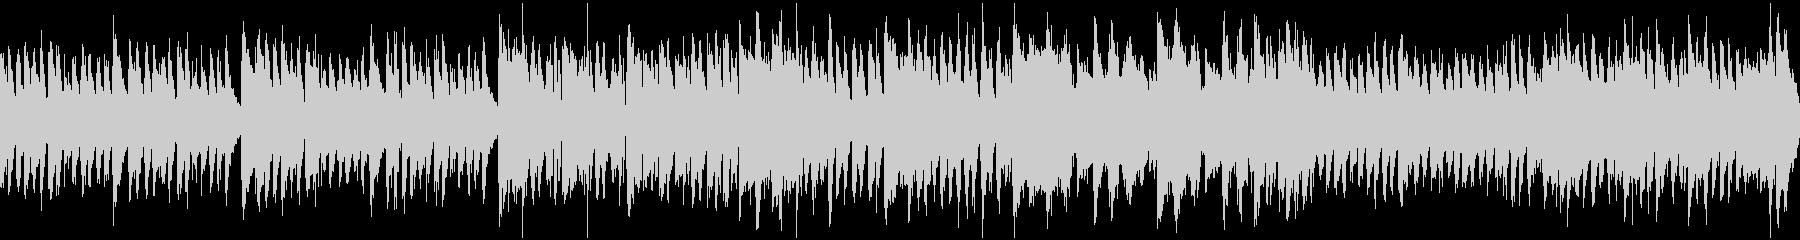 ダーク&コミカルなカーニバル(ループ)の未再生の波形